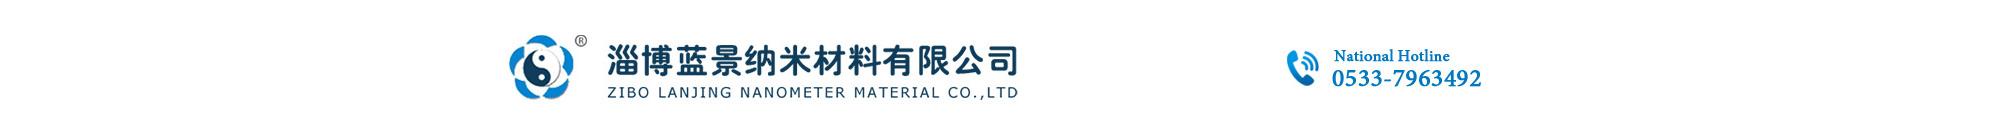 淄博蓝景纳米材料有限公司